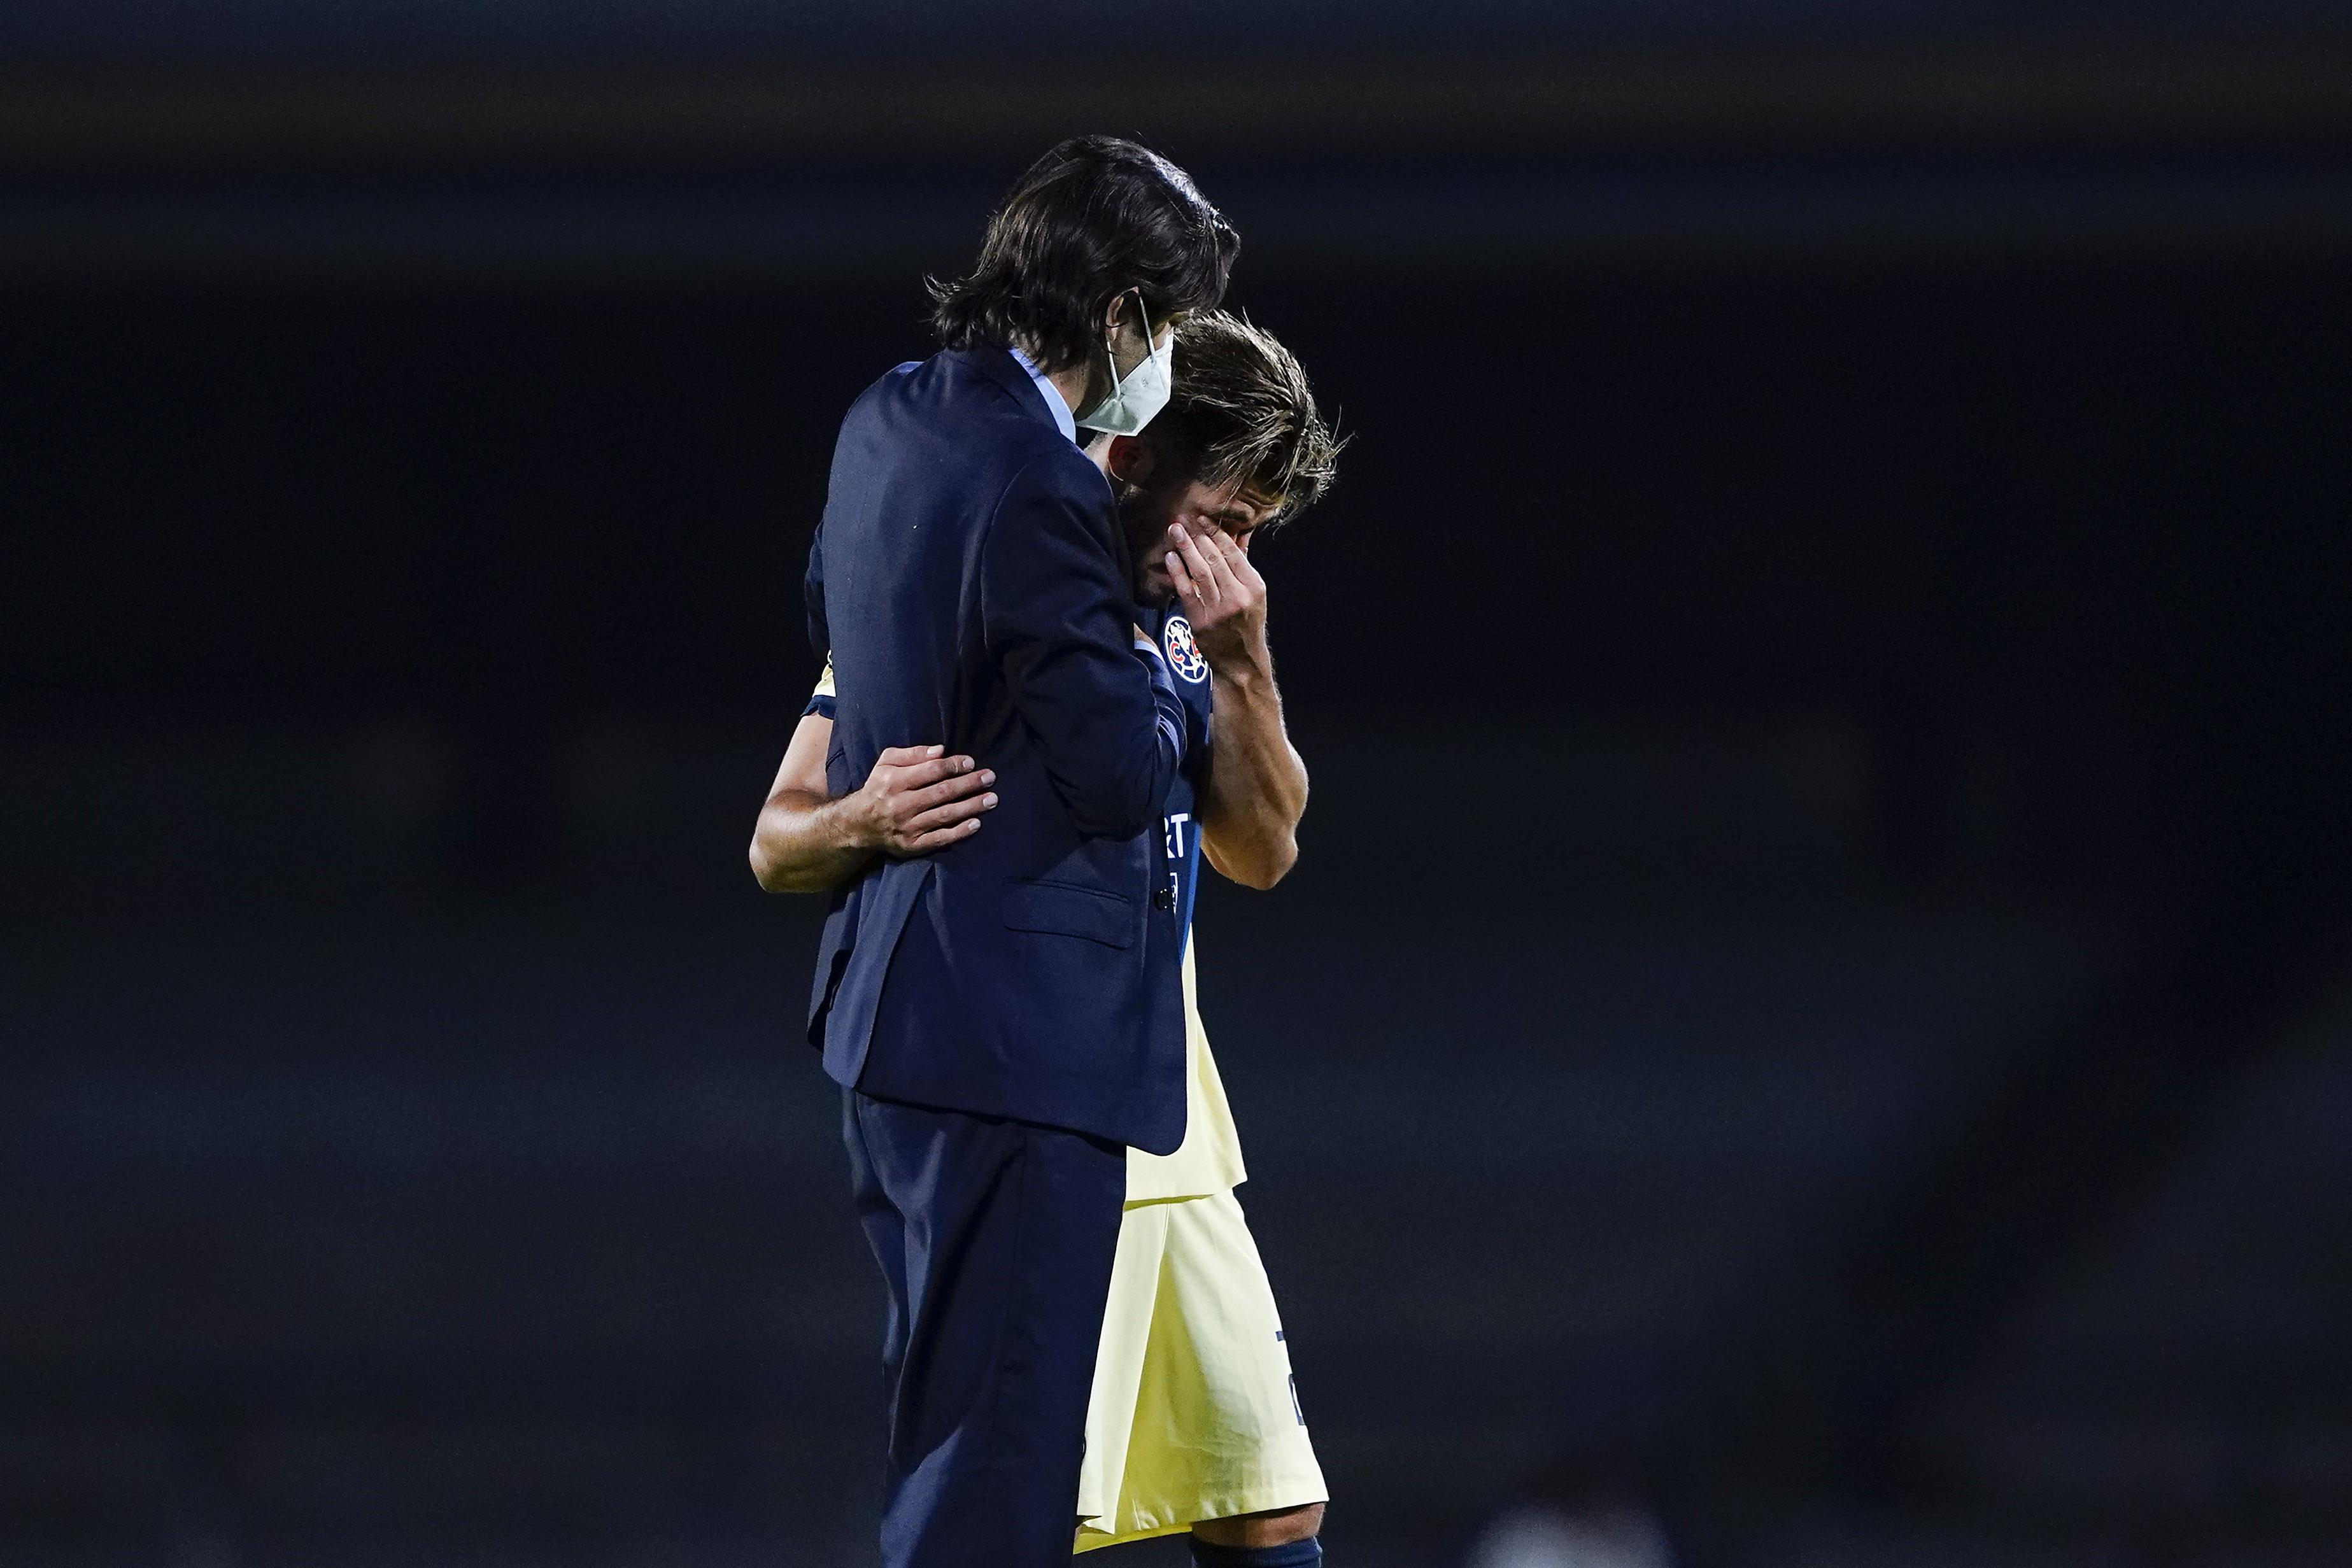 El gesto de Santiago Solari con Henry Martín después de la victoria de  América sobre Pumas en el Clásico Capitalino de la Liga MX | América  Monumental